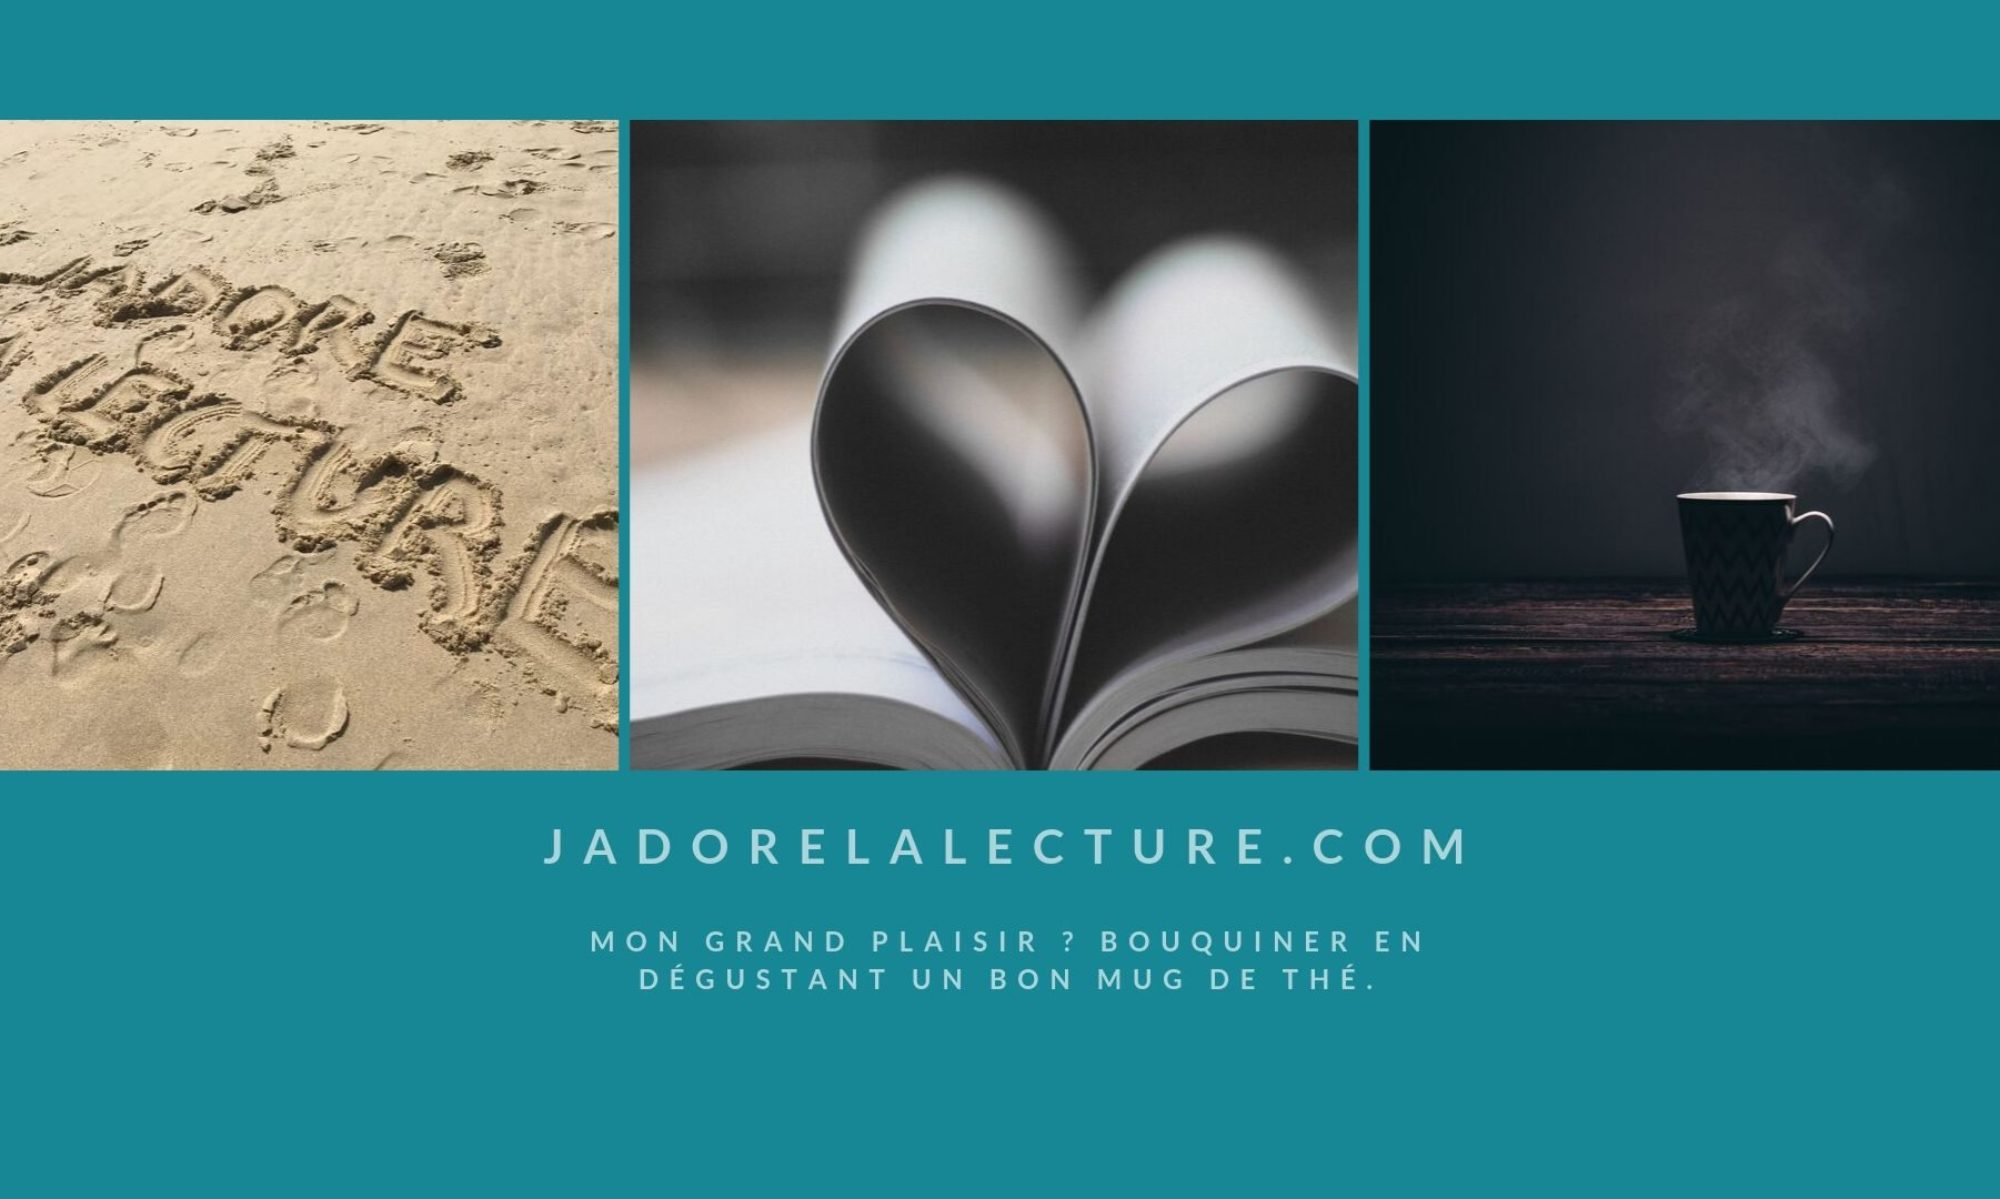 Jadorelalecture